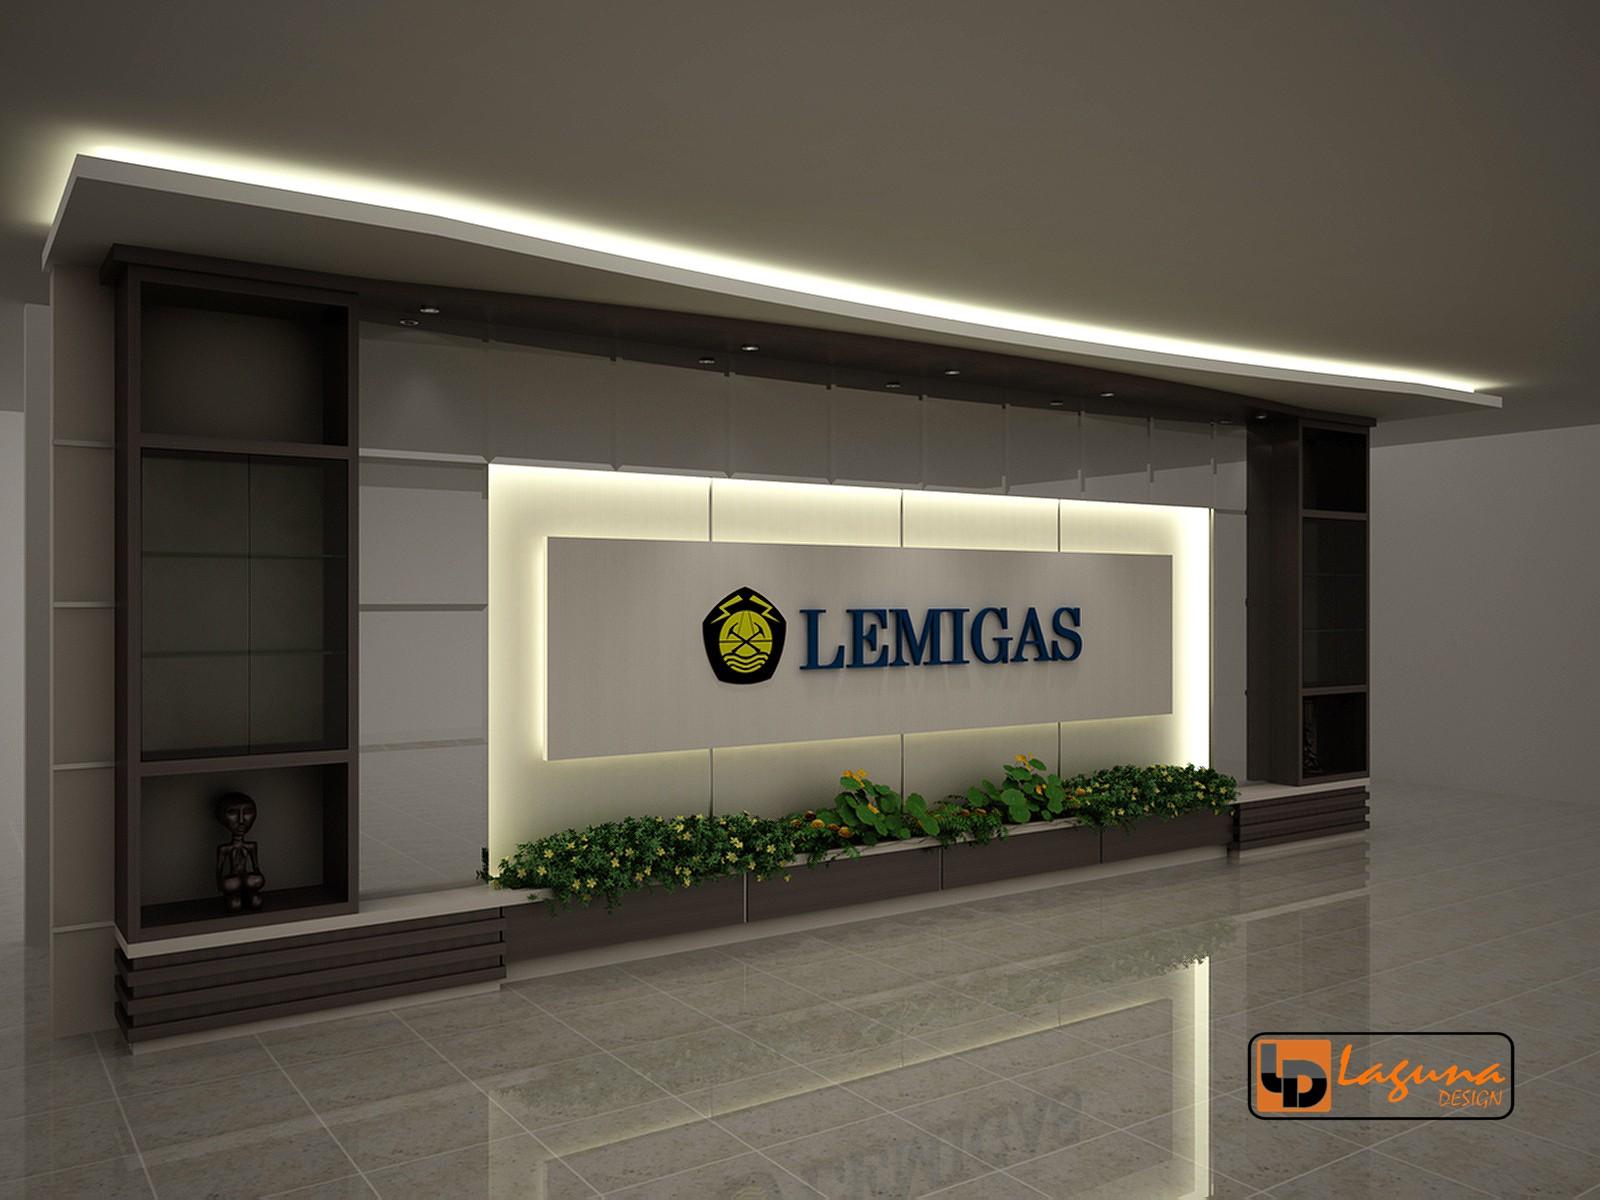 Lemigas - LAGUNA DESIGN